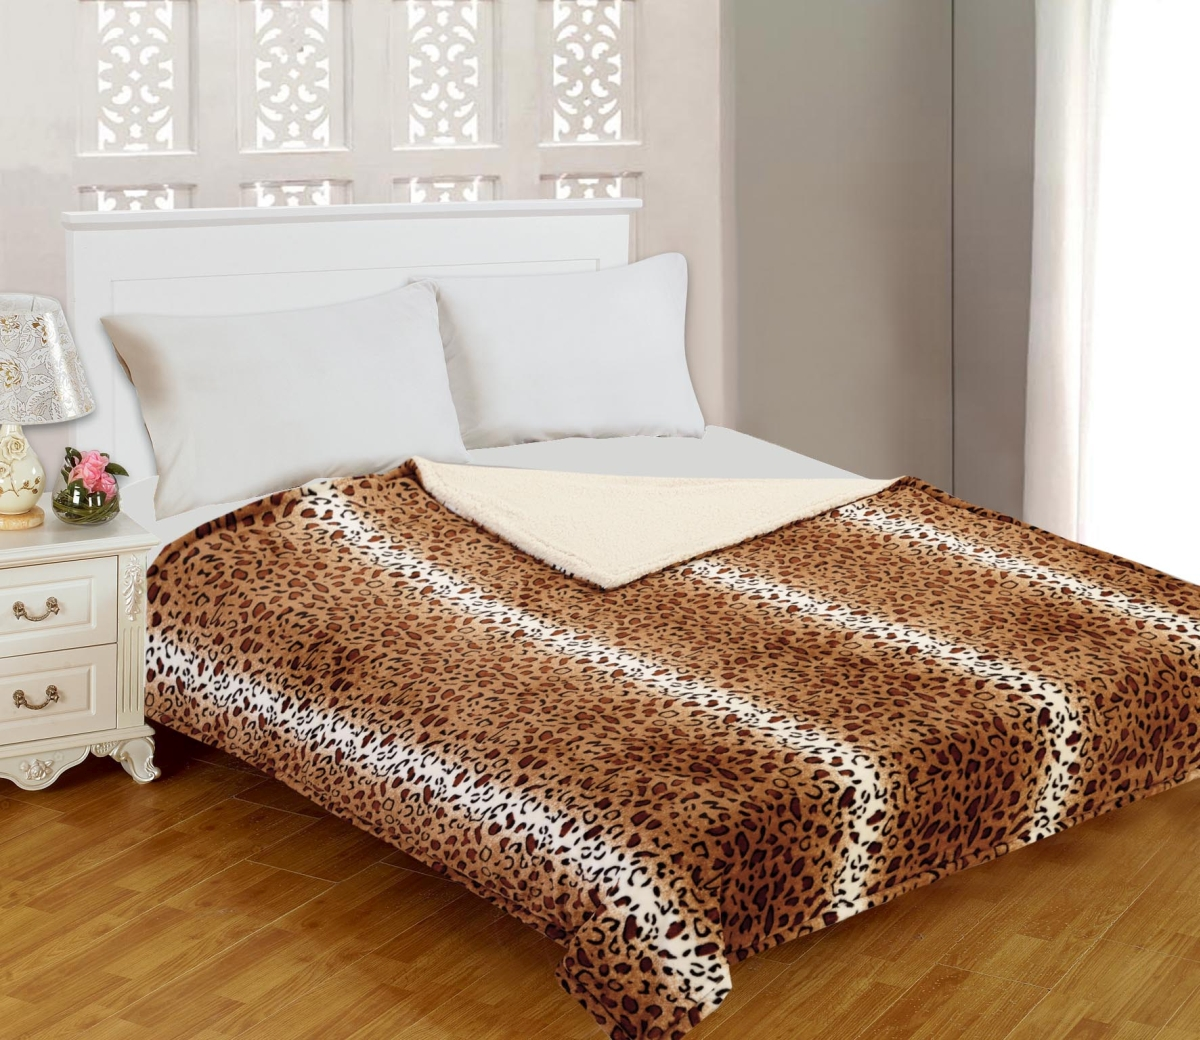 Плед Buenas Noches Фланель. Royal Leopard, цвет: бежевый, коричневый, черный, 200 см х 220 смS03301004Двусторонний плед Buenas Noches Фланель. Royal Leopard - это идеальное решение для вашего интерьера! Он порадует вас легкостью, нежностью и разноплановыми дизайнами с двух сторон: одна сторона стилизована под окрас леопарда, а оборотная оформлена в однотонном цвете. Плед выполнен из 100% полиэстера. Полиэстер считается одной из самых популярных тканей. Это материал синтетического происхождения изполиэфирных волокон. Изделия из полиэстера не мнутся и легко стираются. После стирки очень быстро высыхают.Плед - это такой подарок, который будет всегда актуален, особенно для ваших родных и близких, ведь вы даритеим частичку своего тепла!Продукция торговой марки Buenas Noches сделана с особой заботой, специально для вас и уюта в вашем доме!